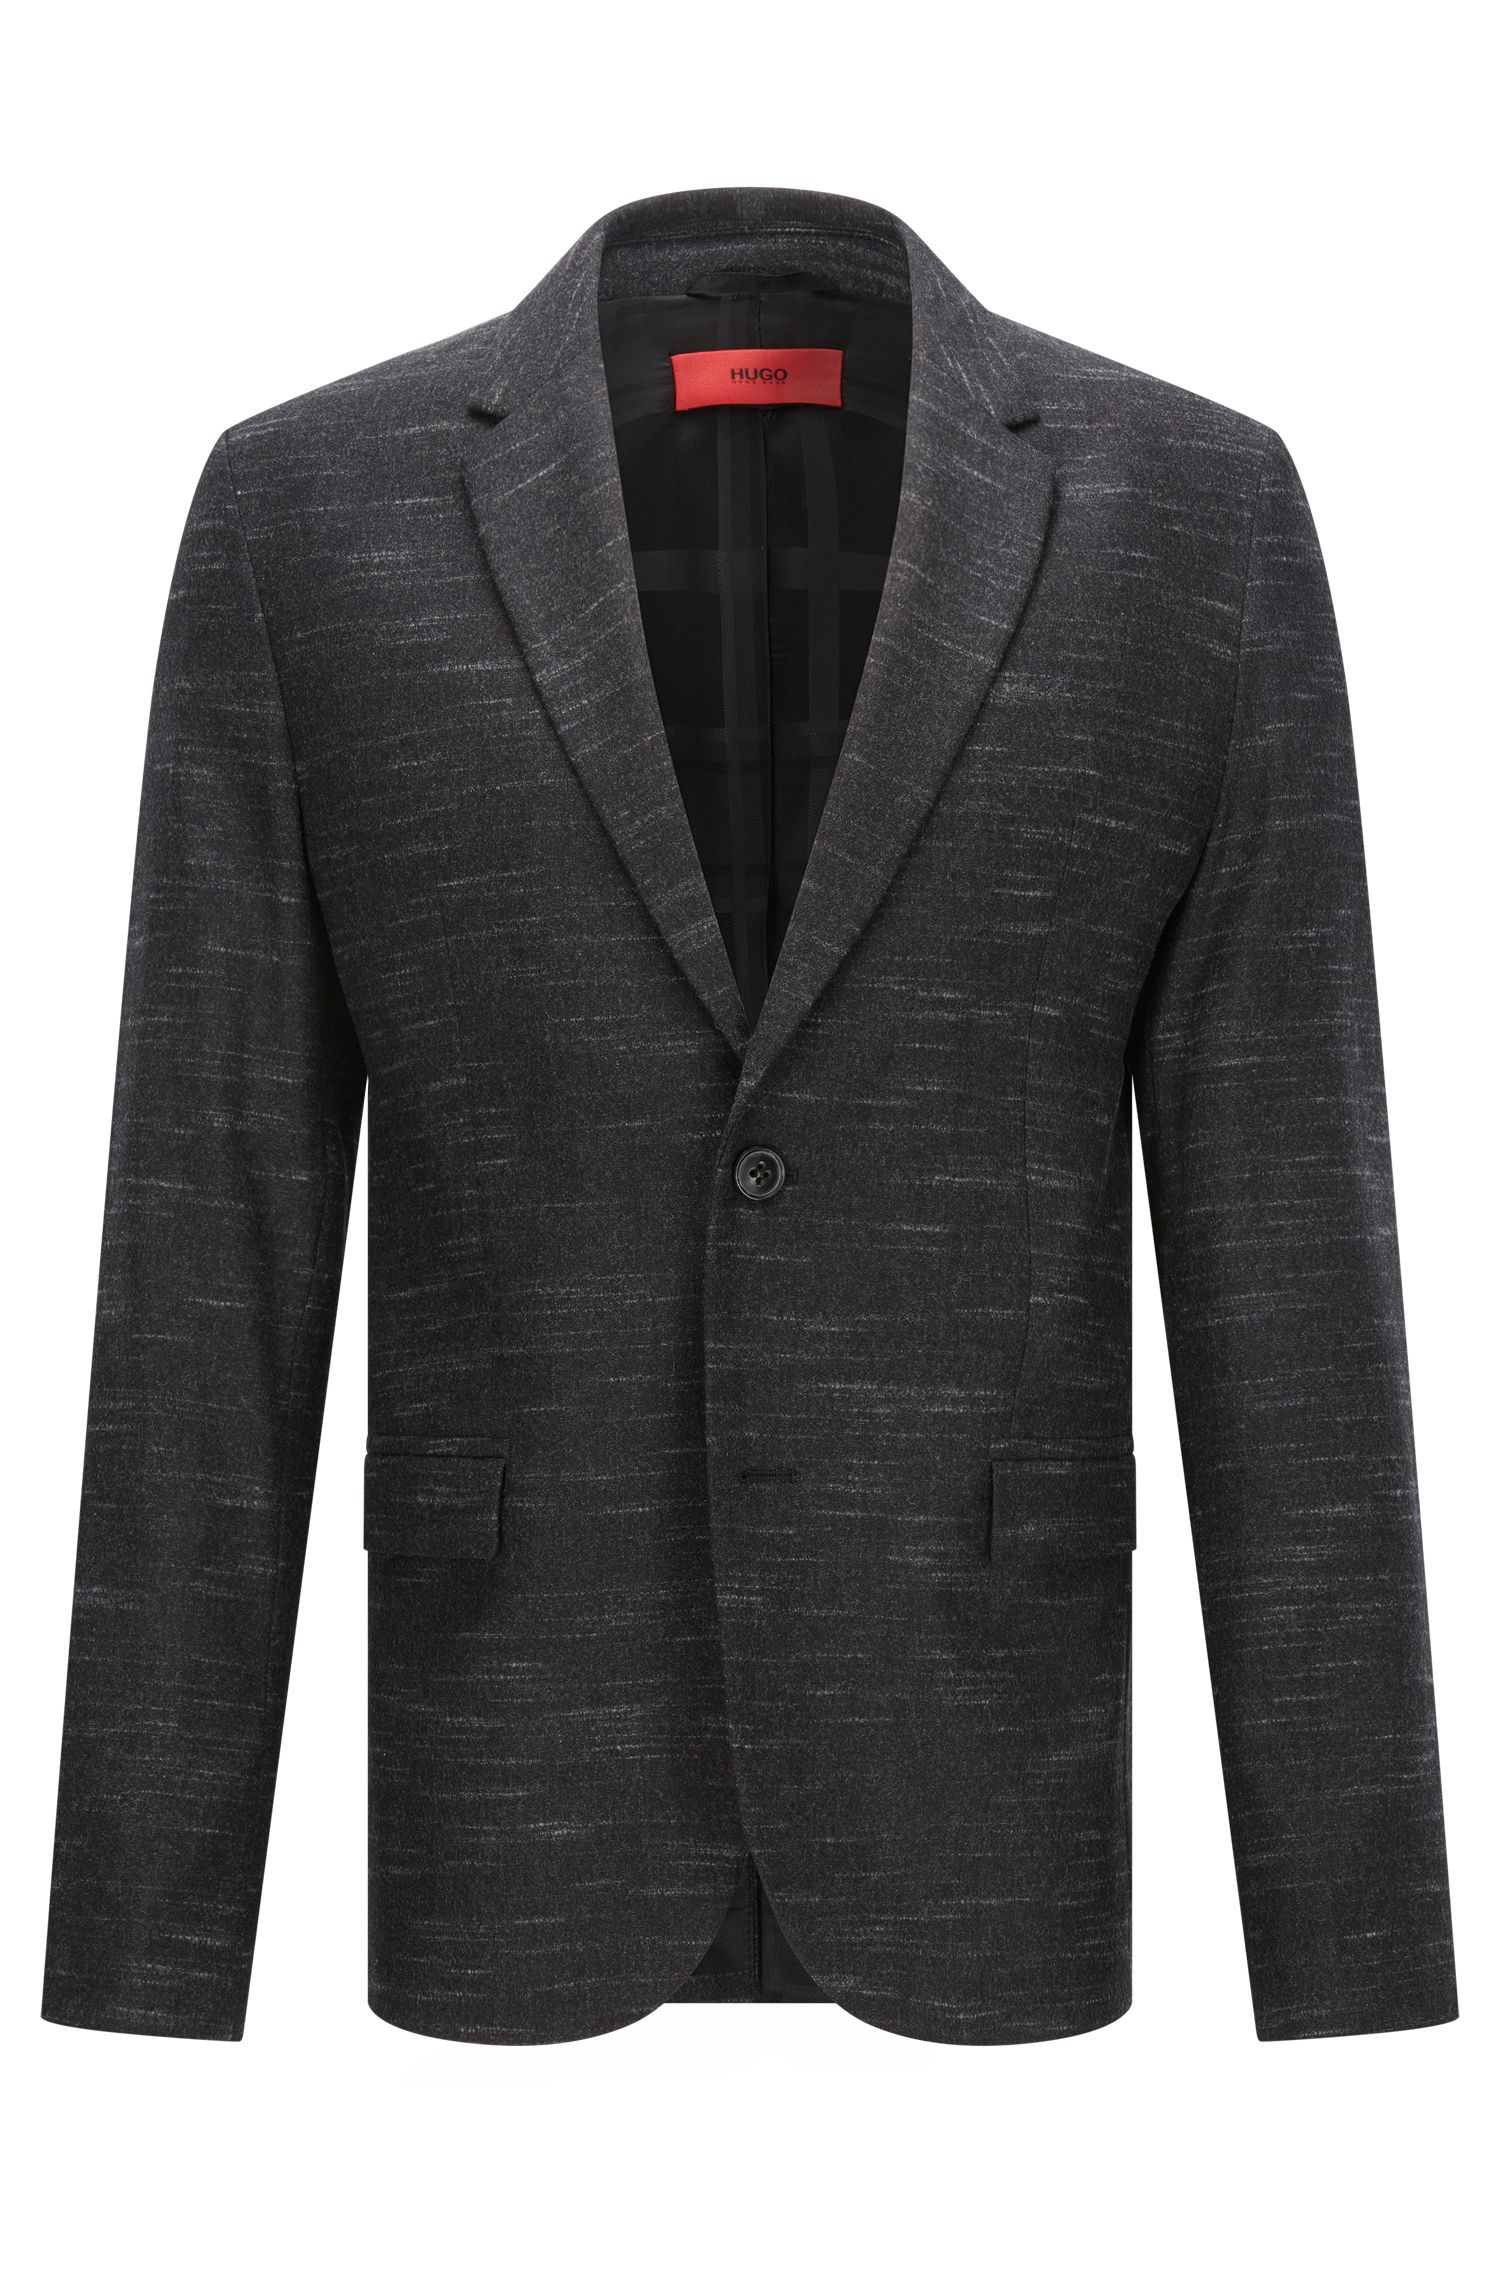 'Arelton' | Slim Fit, Heathered Virgin Wool Blend Sport Coat